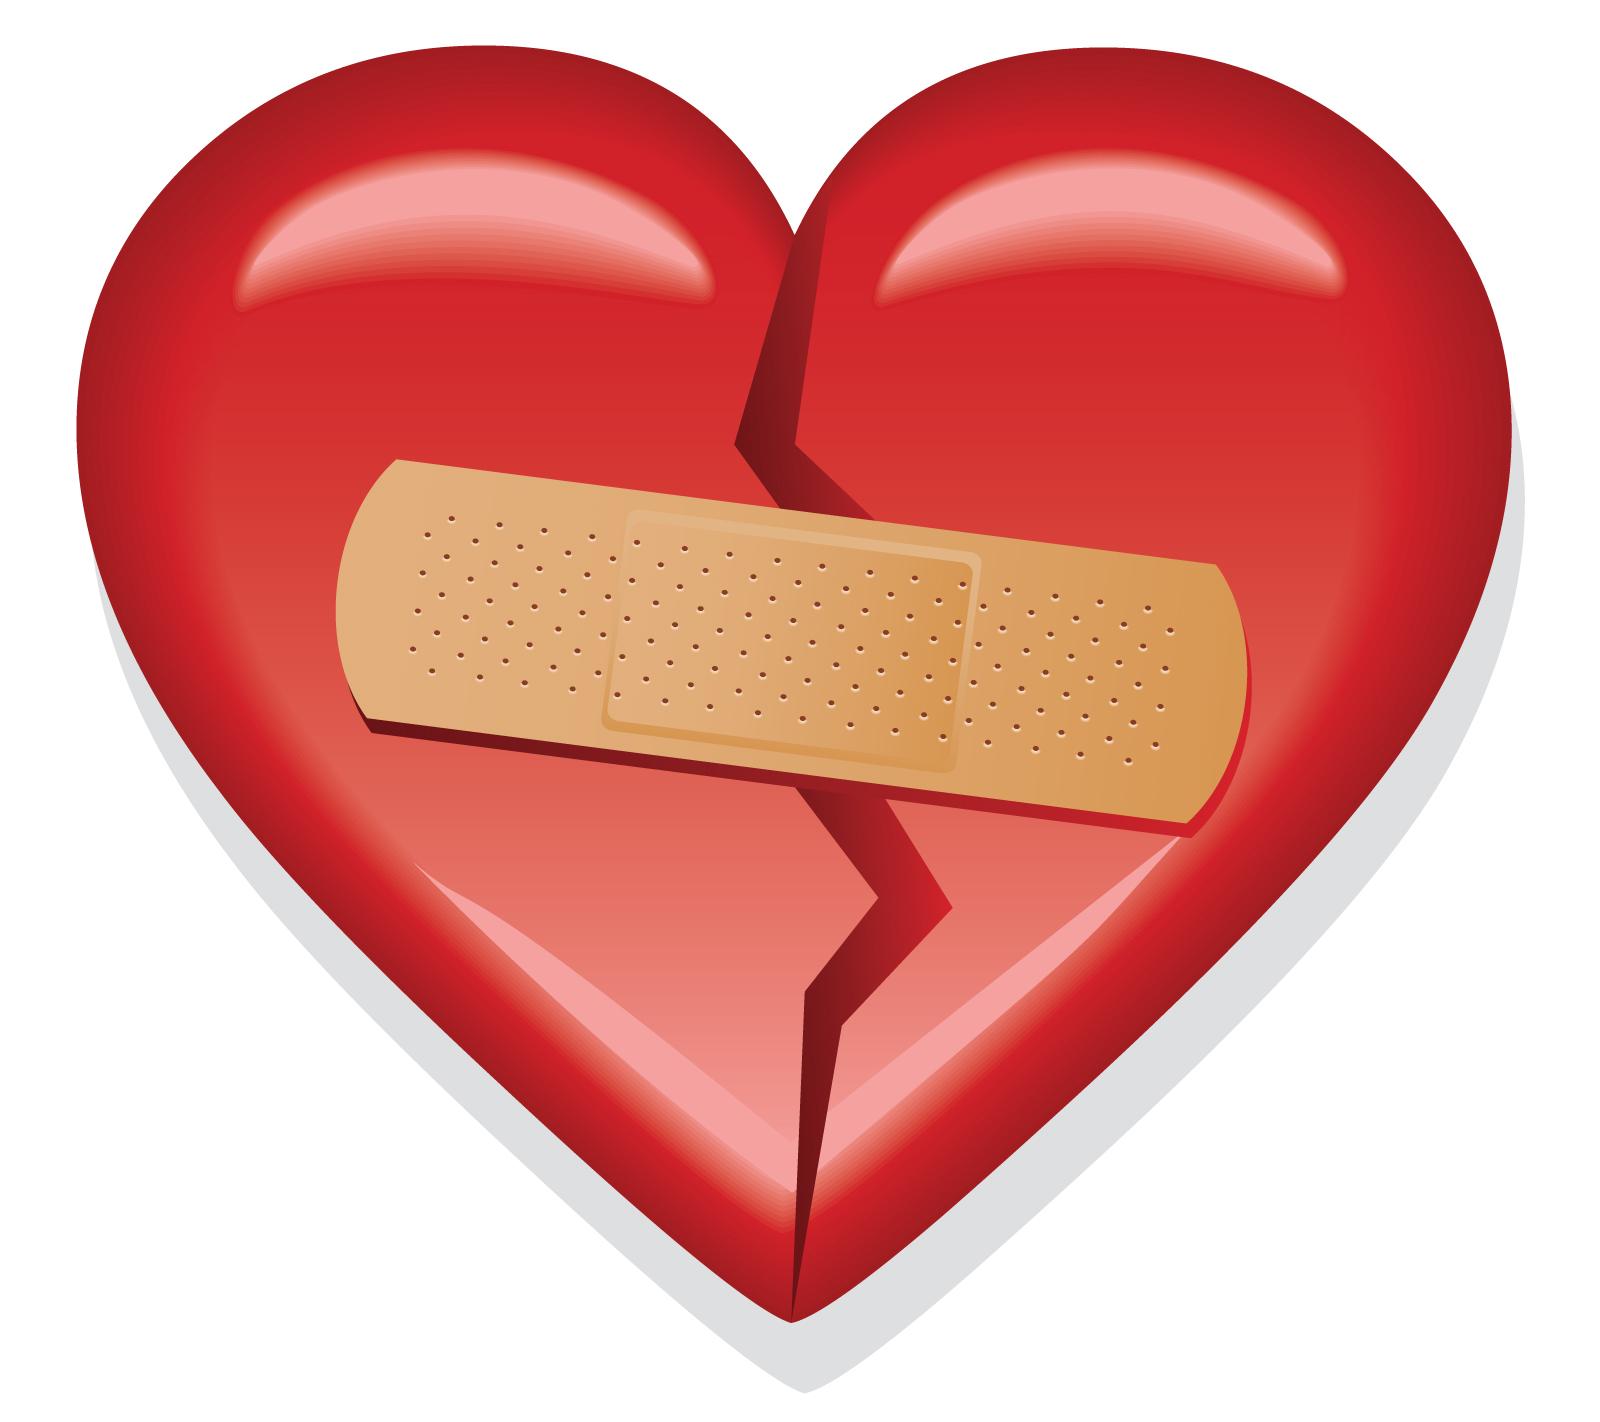 Сердце с пластырем картинки